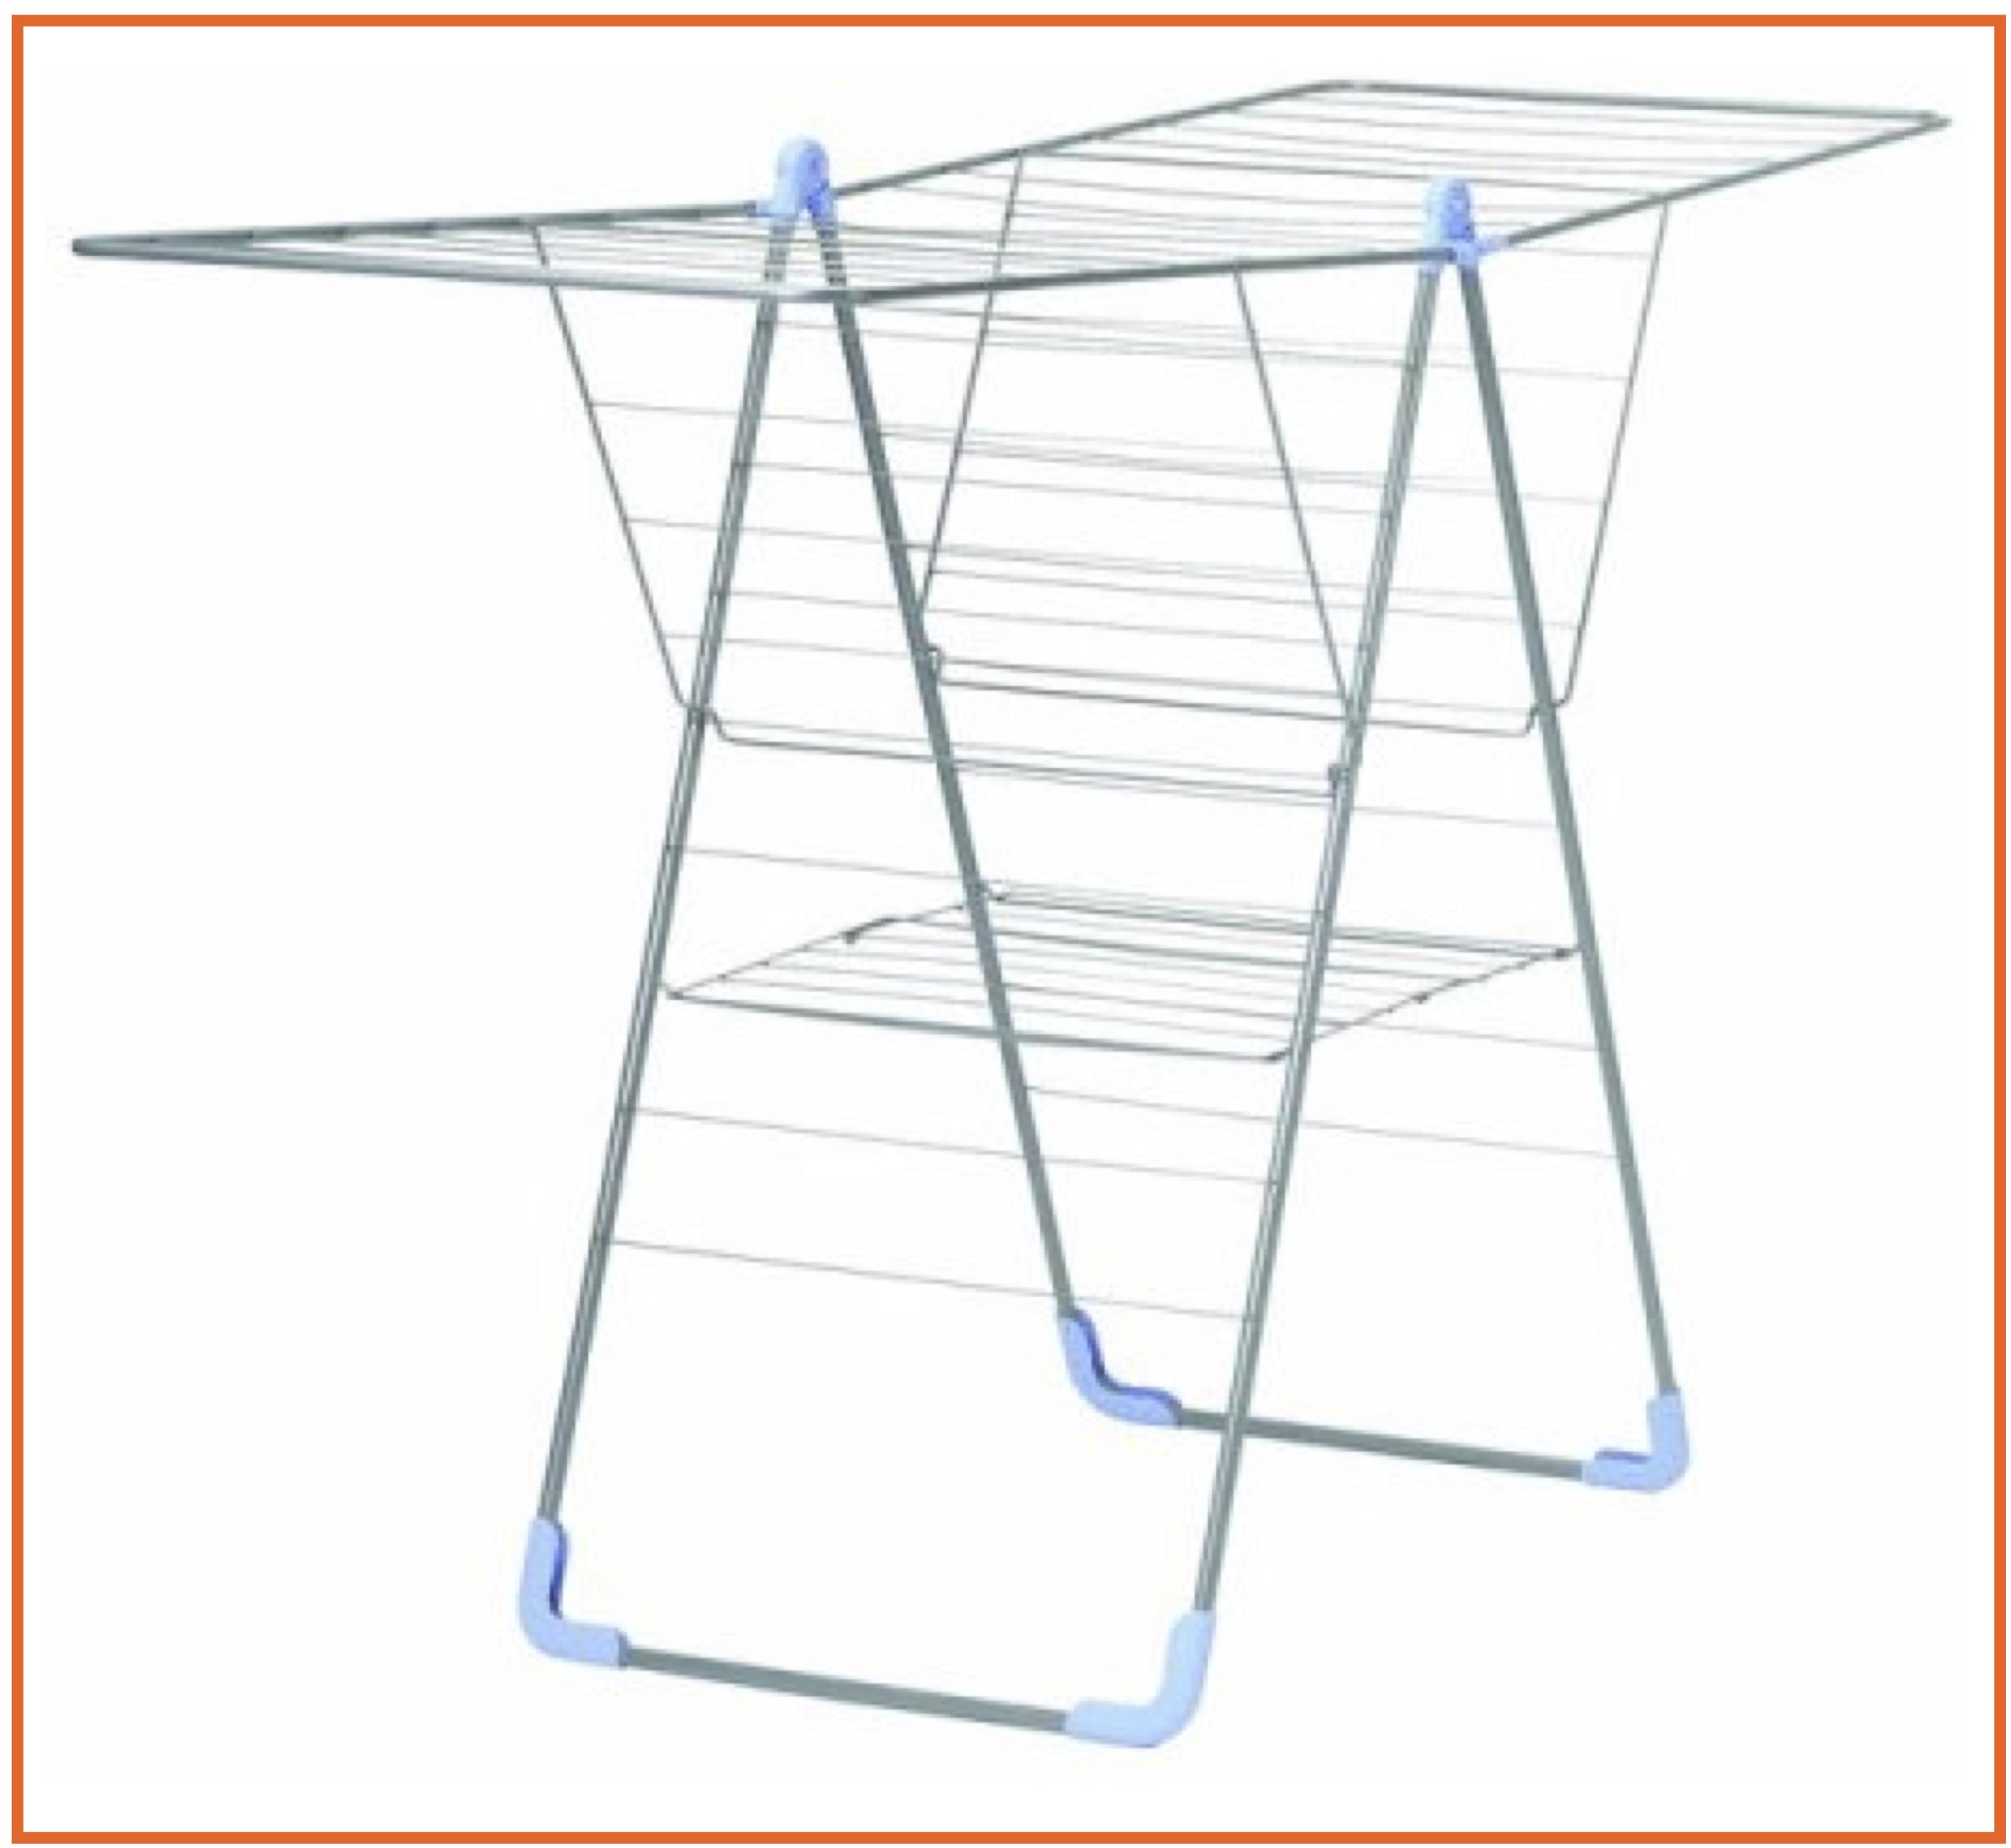 etendage tancarville simple et solide pour appoint sur la terrasse ou pour un étudiant